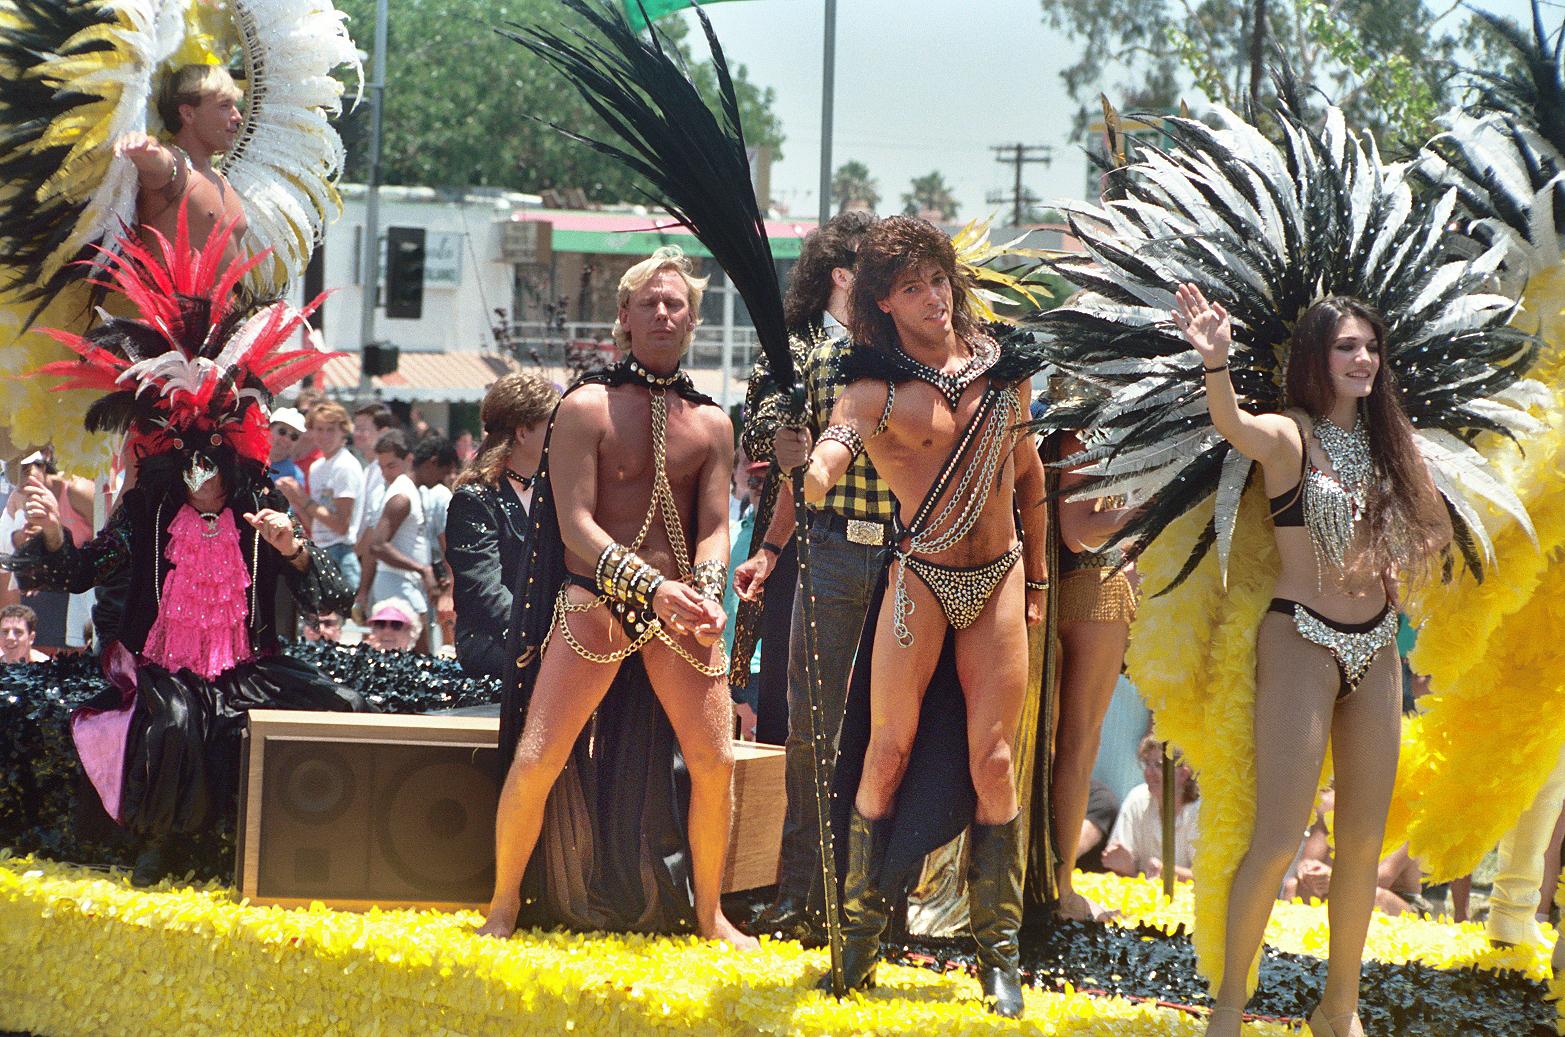 la-pride-1987-1995_22320688021_o